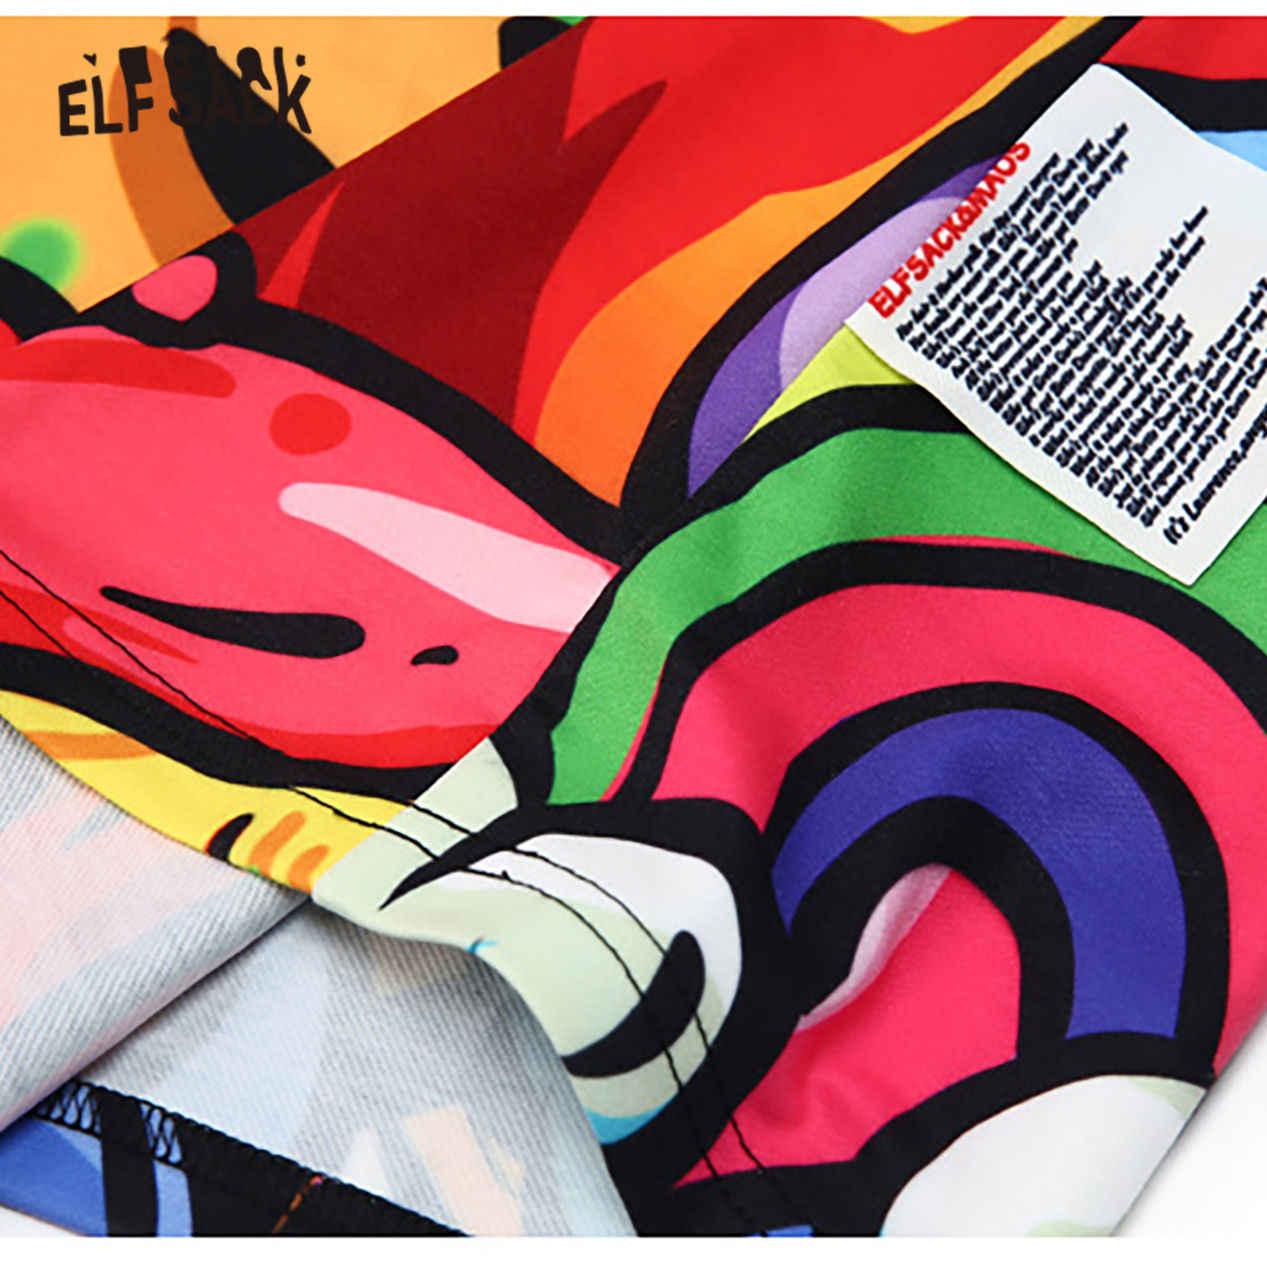 فستان ELFSACK ملون بجيوب ورقبة مستديرة للنساء موضة صيف 2020 فساتين جديدة غير رسمية بأكمام قصيرة للمكتب للسيدات فساتين خاصة